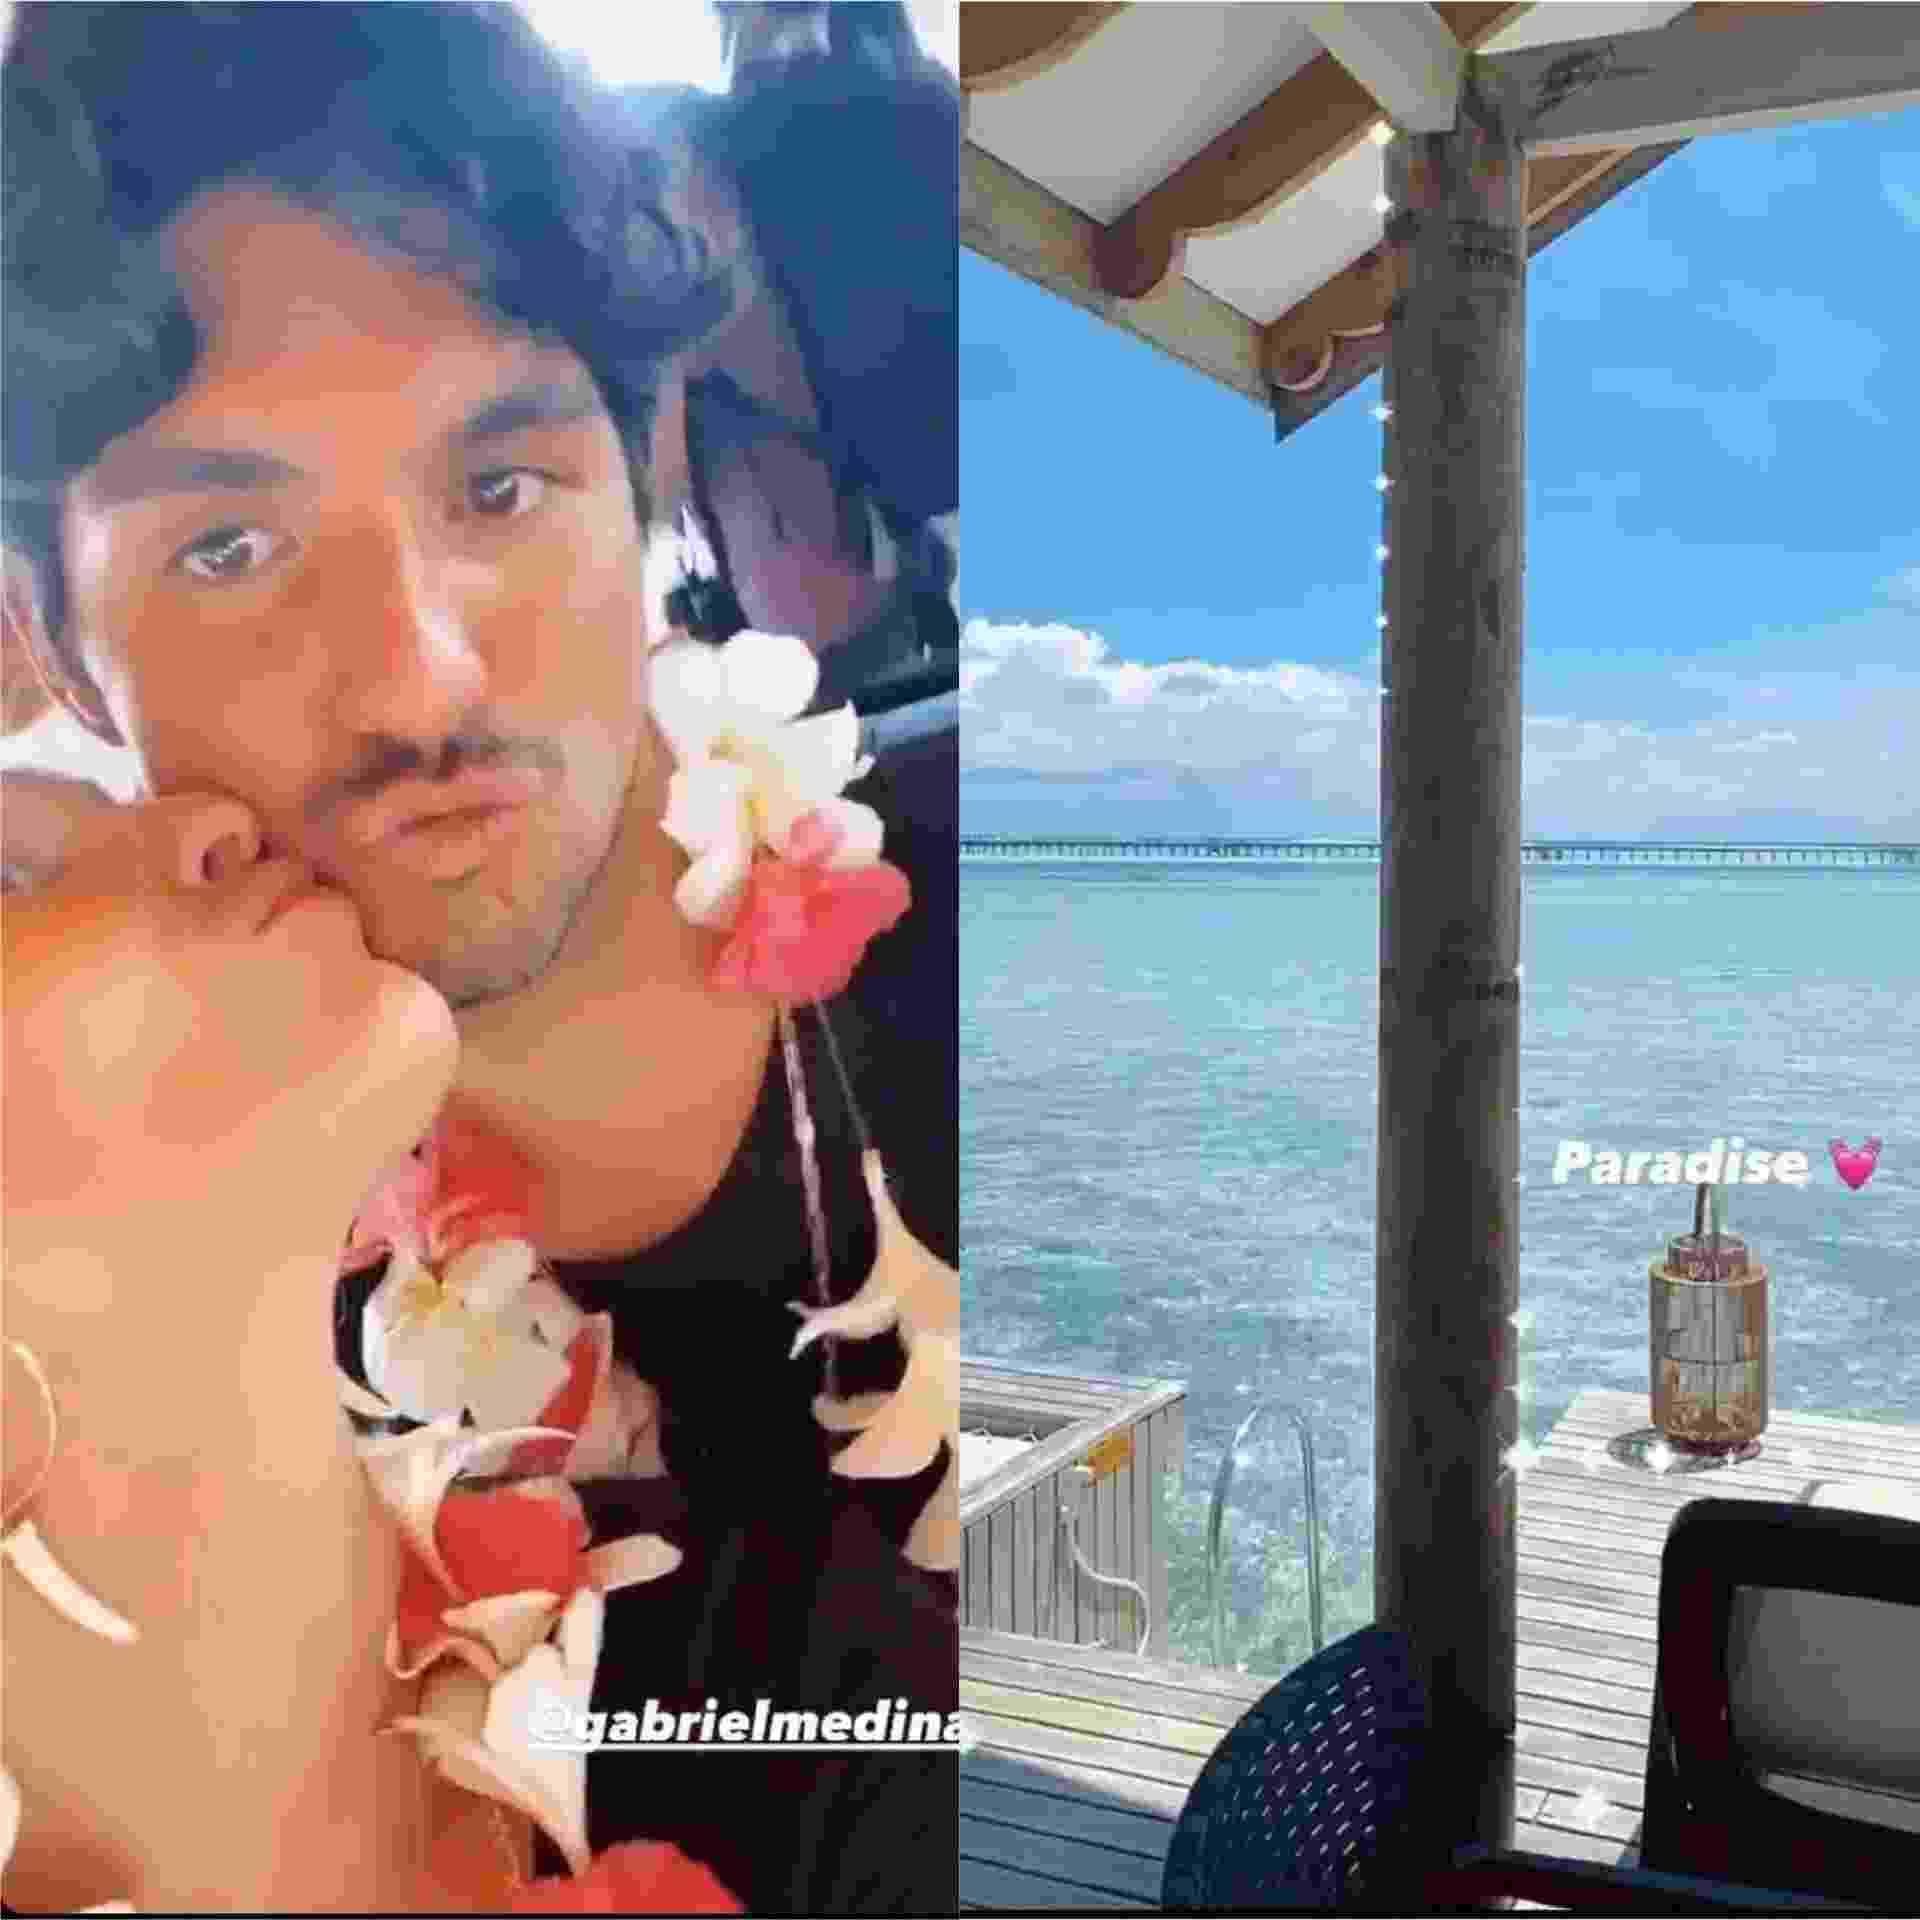 Yasmin Brunet e Gabriel Medina curtem destino paradisíaco - Reprodução / Instagram